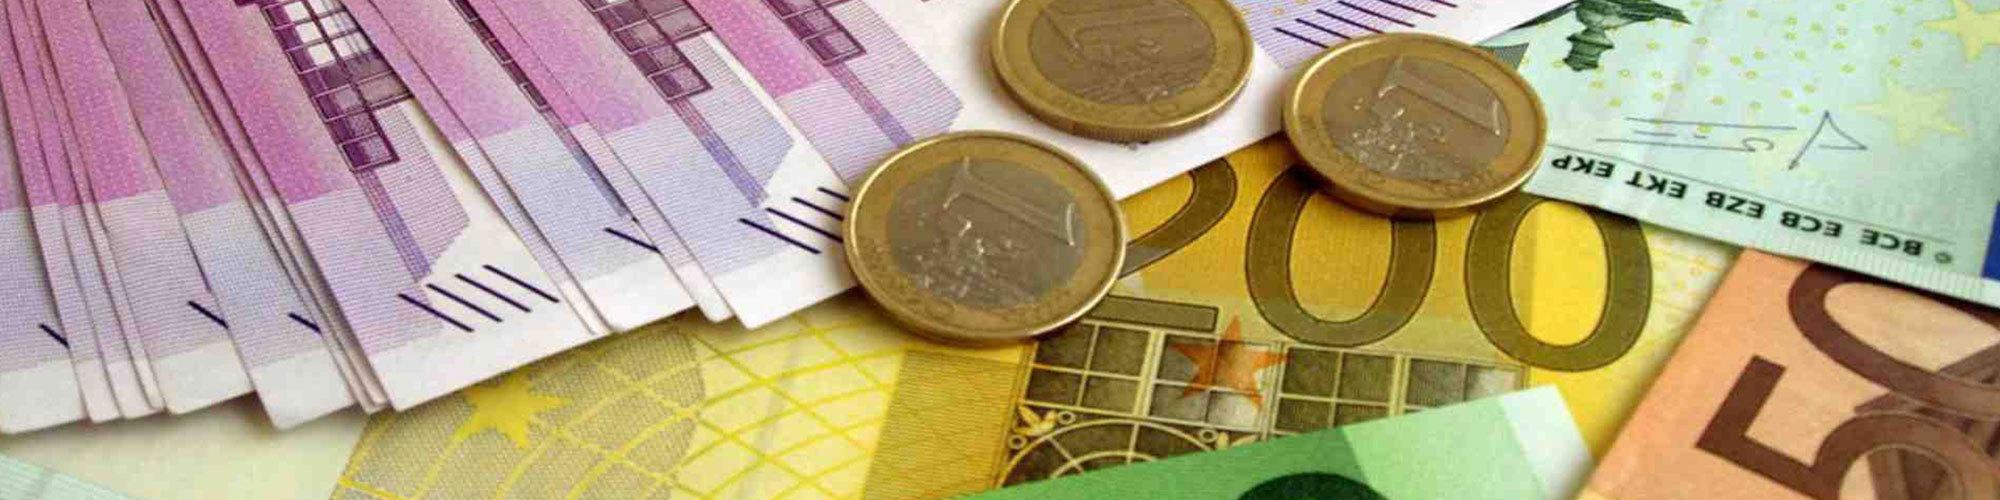 Geld header 0